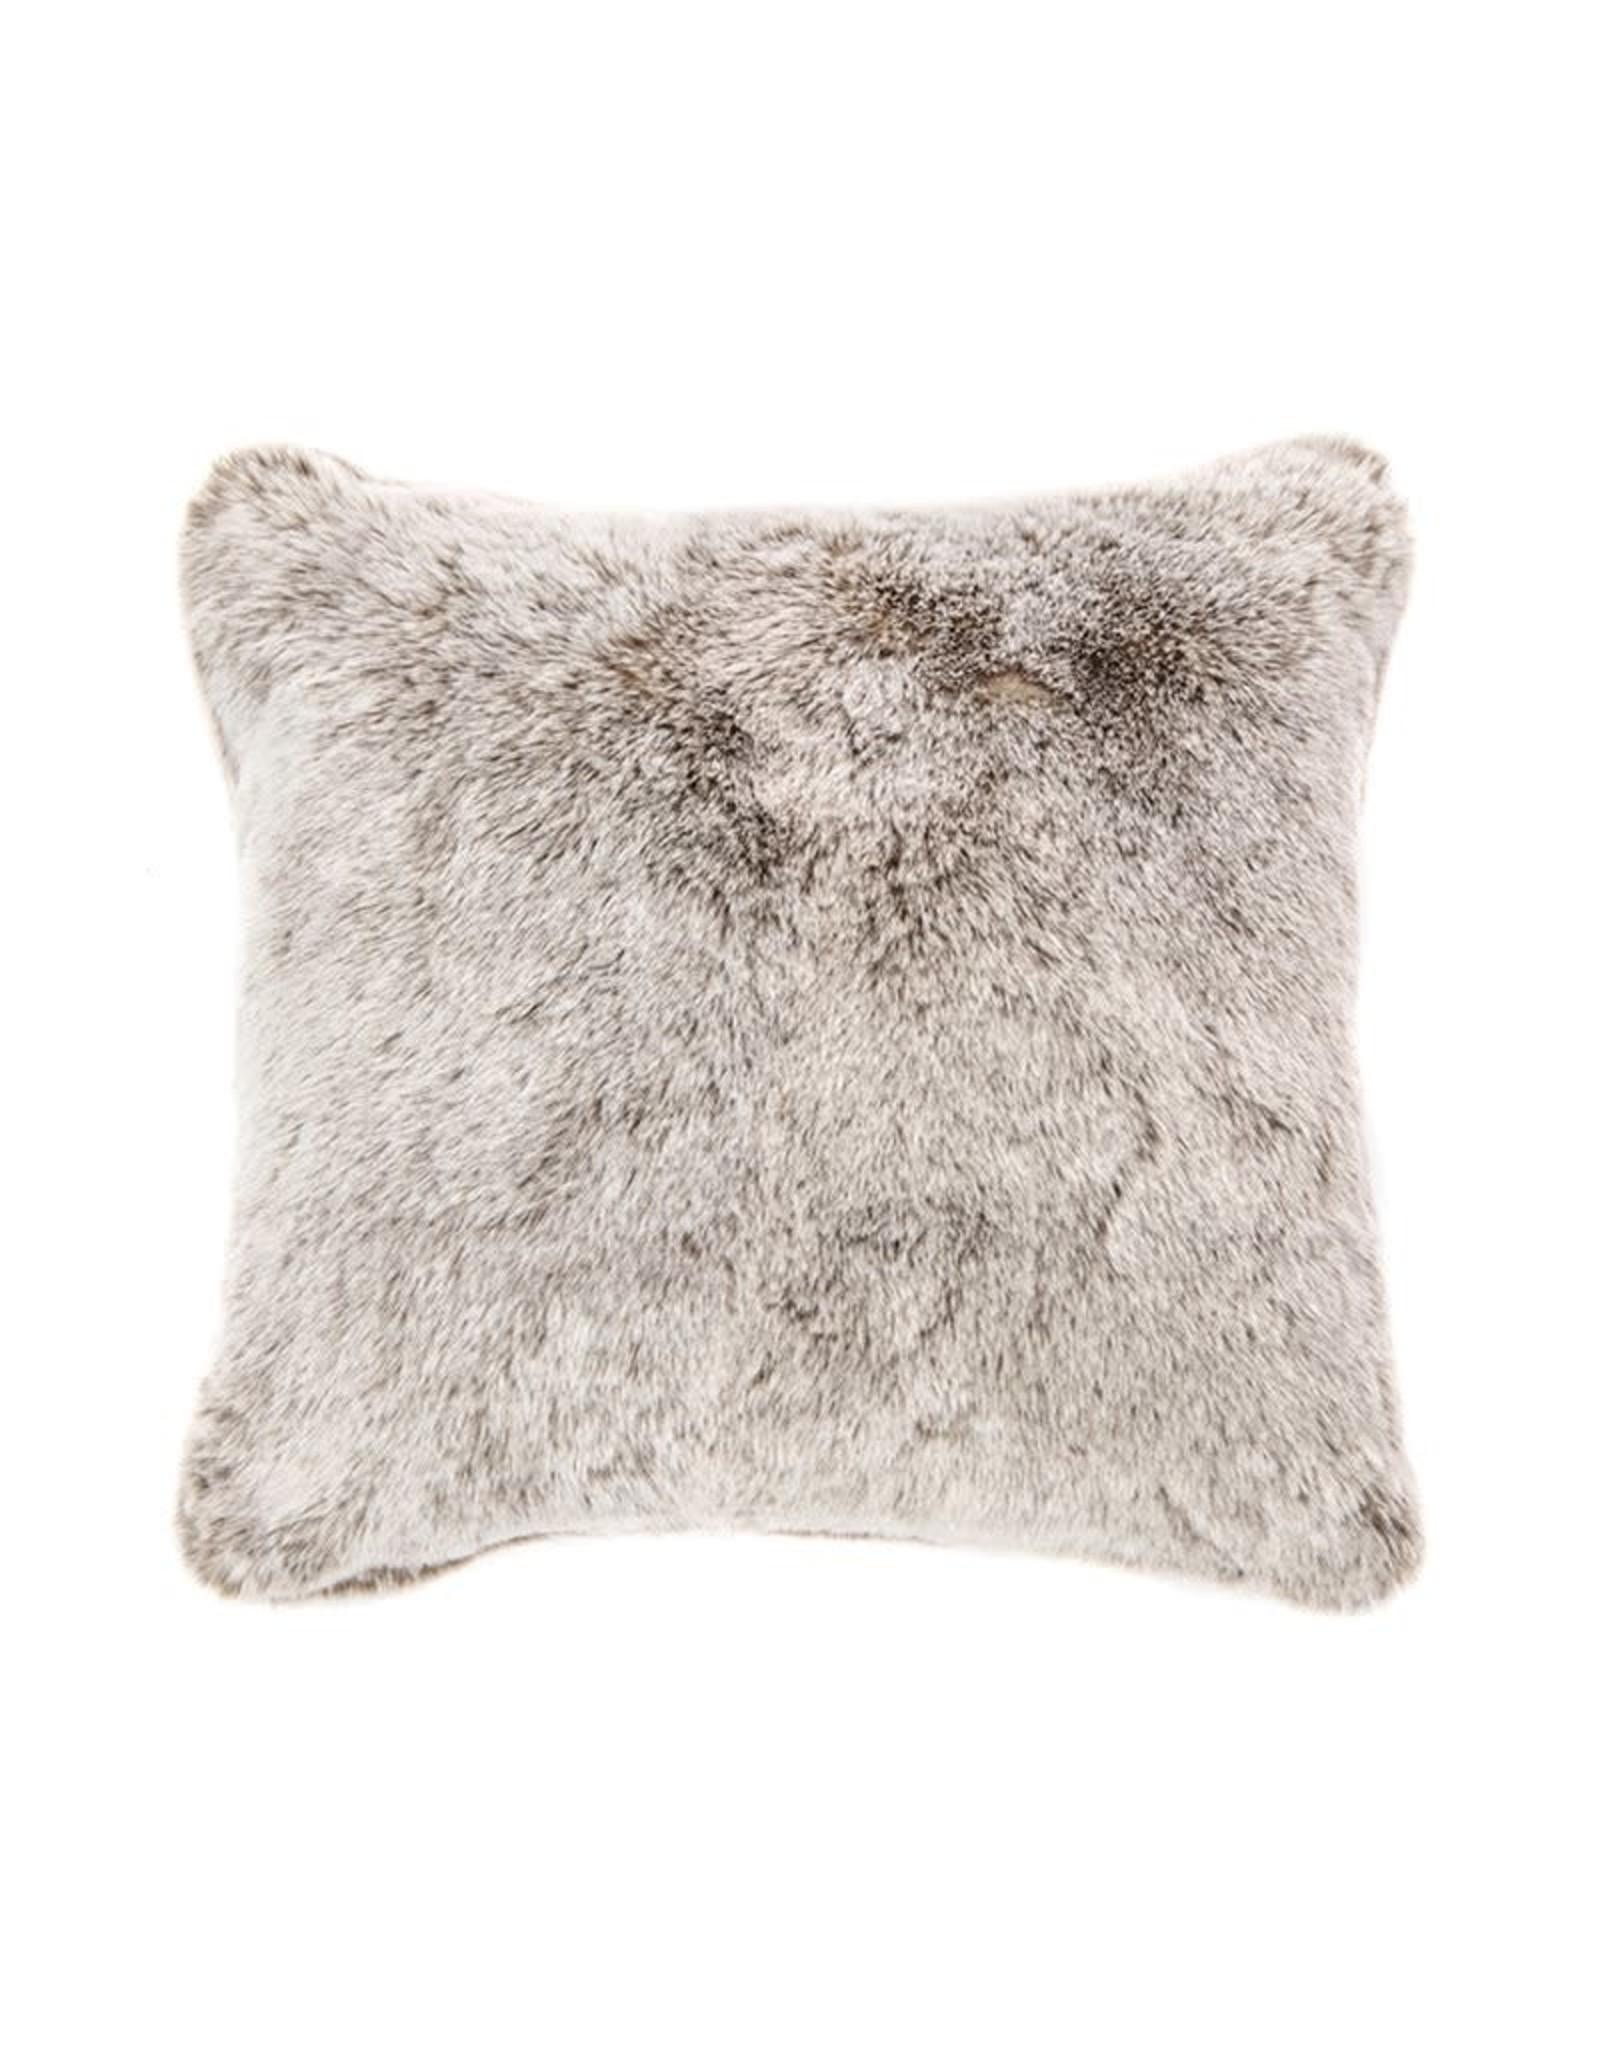 TCE Bunny Cushion